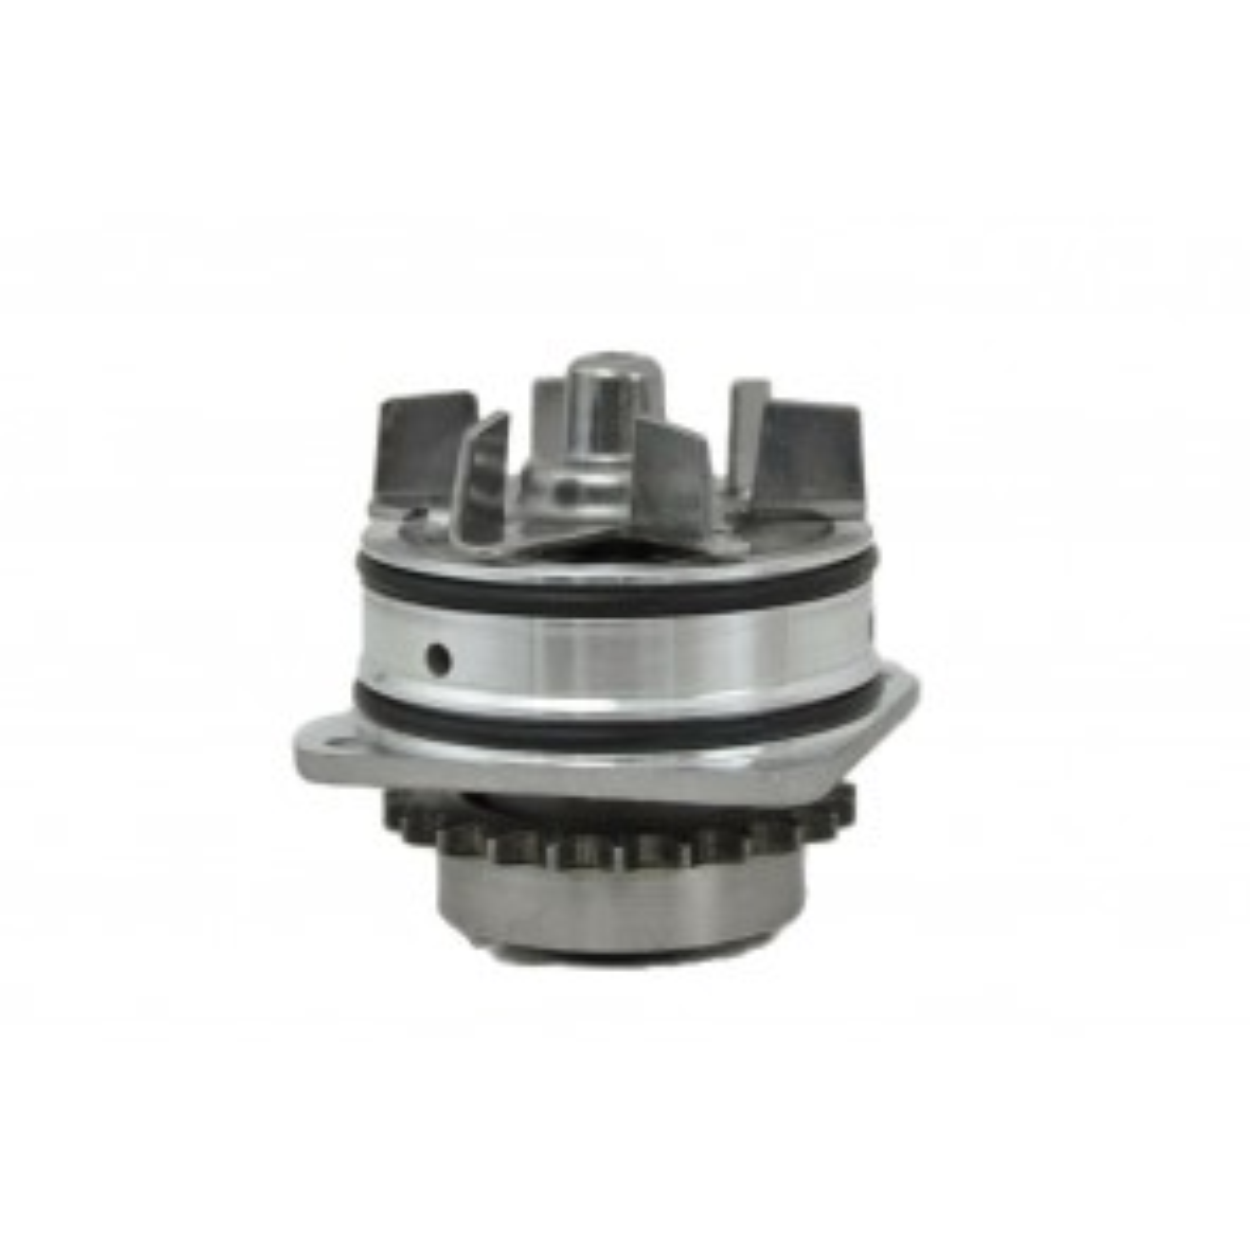 Aftermarket Water Pump Fits Nissan Pathfinder Maxima VQ20DE VQ25DE VQ30DE VQ35DE VG33E 21010-31U26